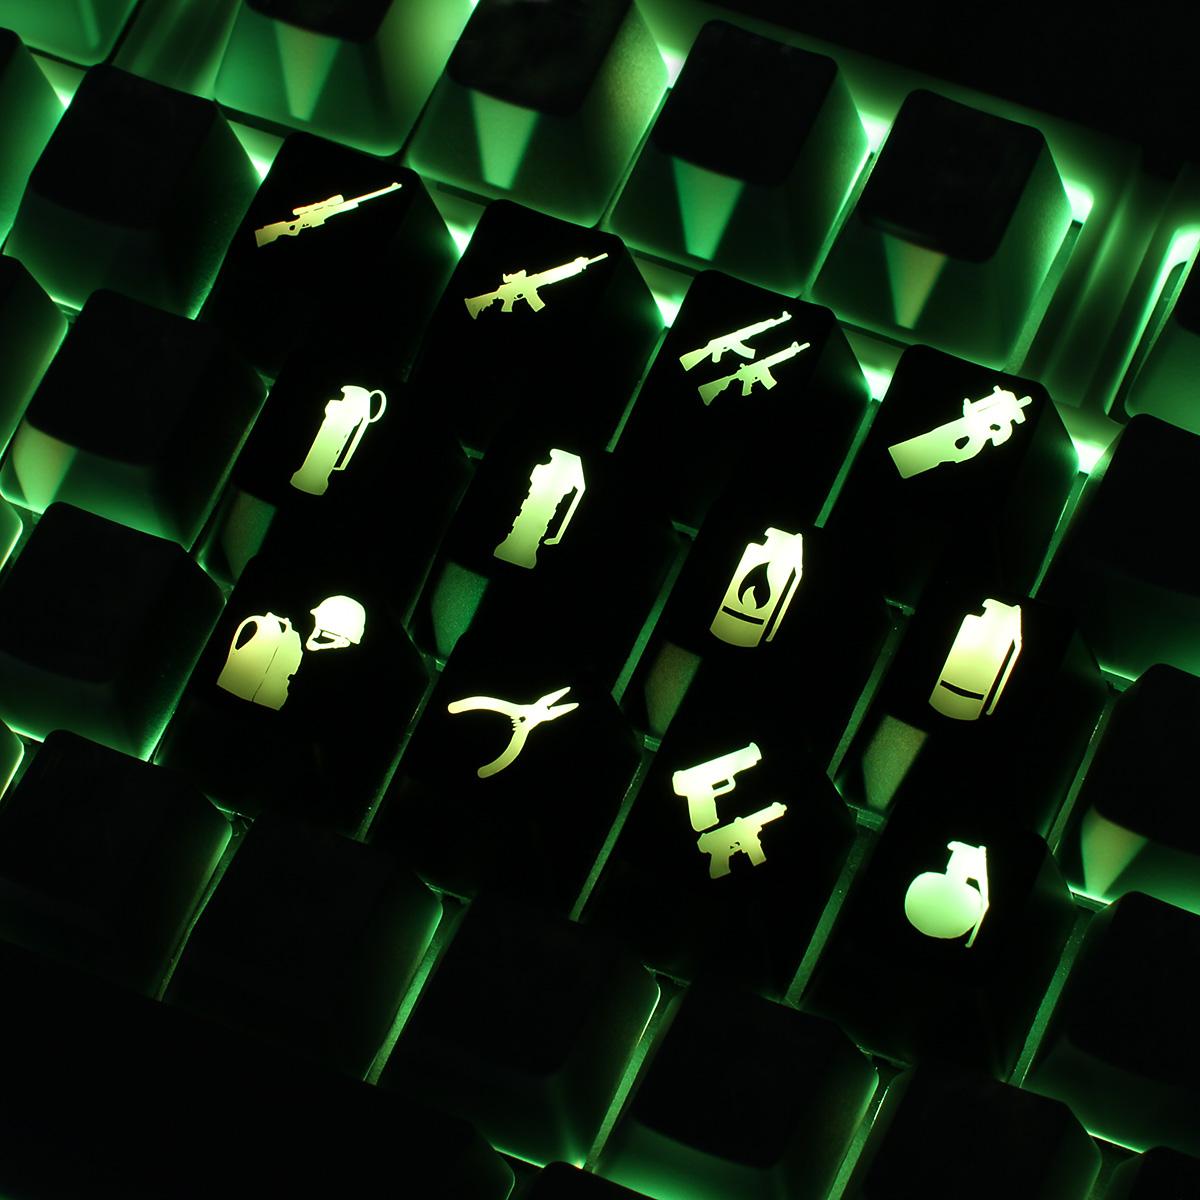 Counter Strike CS:GO custom backlight keycaps